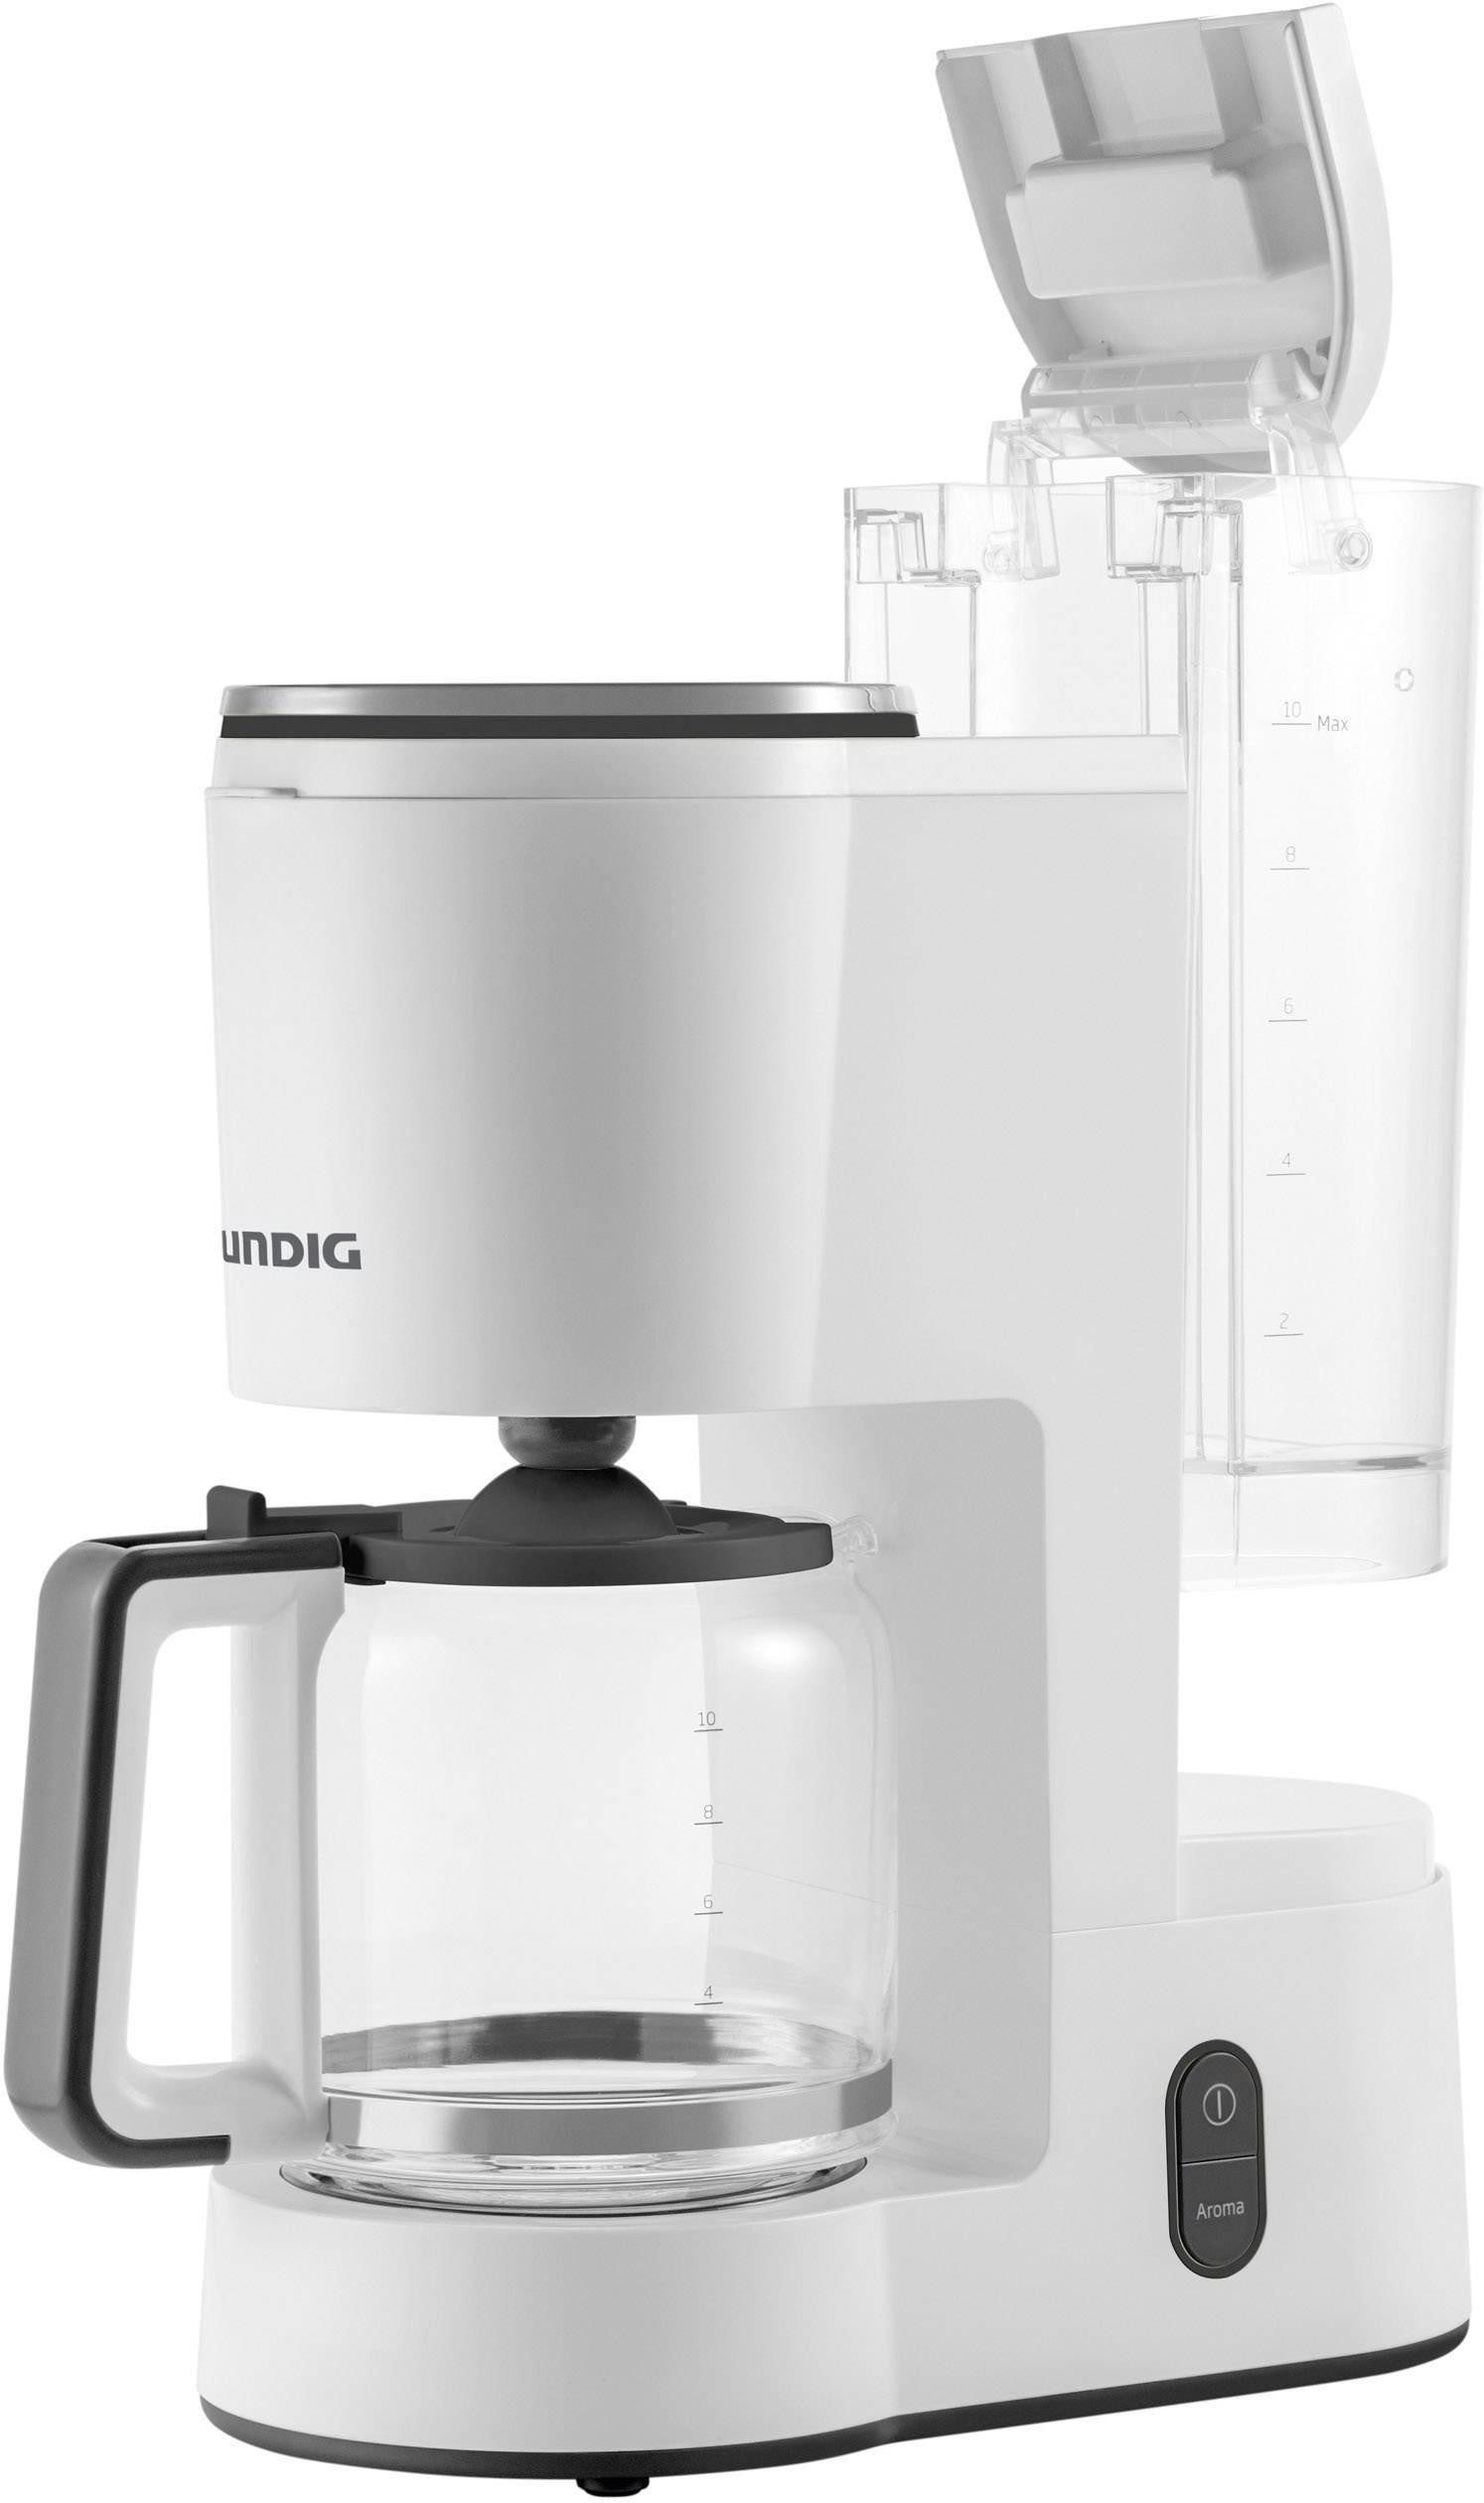 Grundig KM 5860 kavni aparat bela, črna  Kapaciteta skodelice=10 stekleni vrč, toplotna funkcija